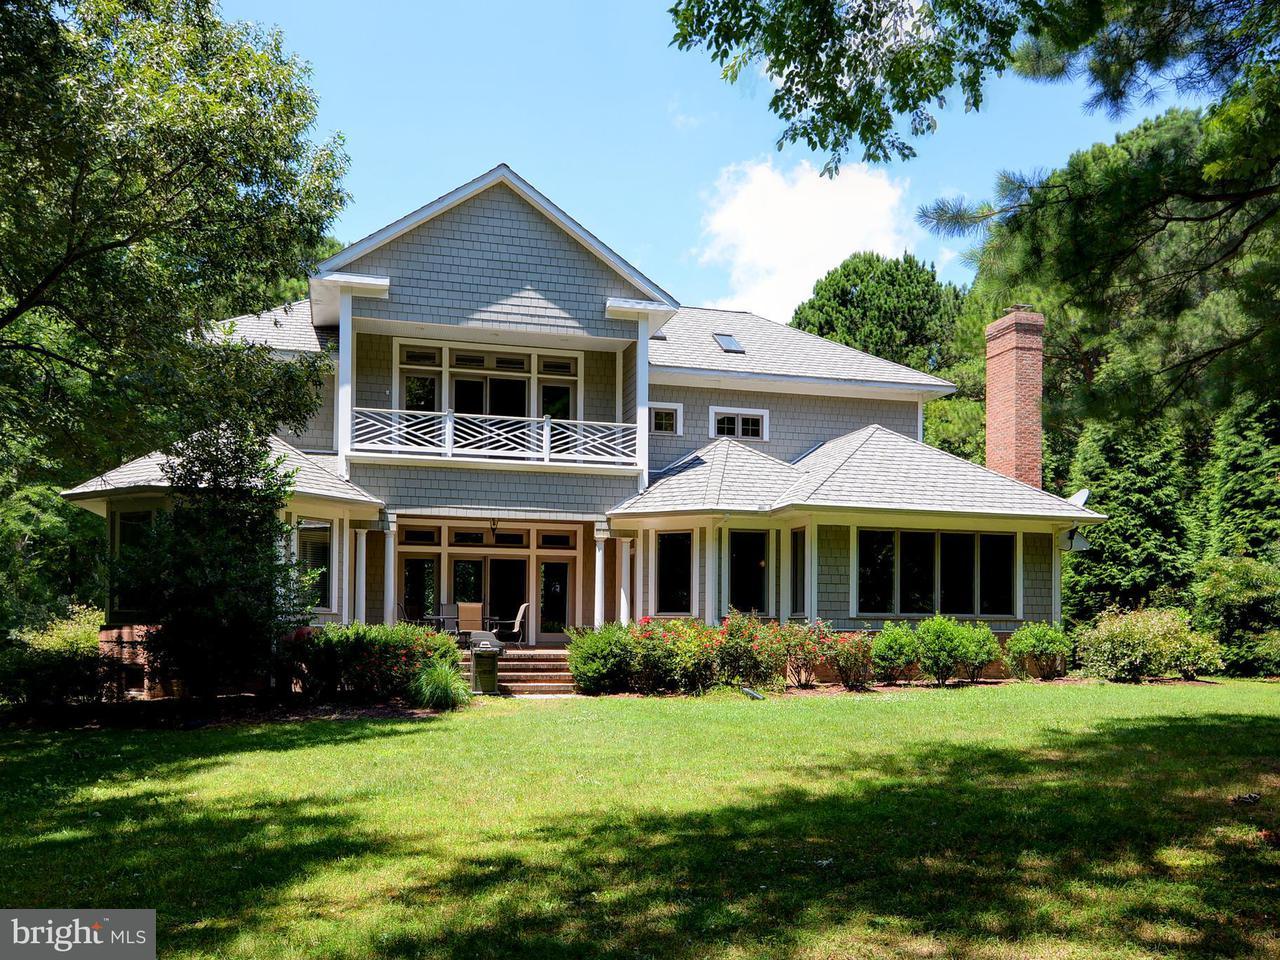 Частный односемейный дом для того Продажа на 3761 MARGITS Lane 3761 MARGITS Lane Trappe, Мэриленд 21673 Соединенные Штаты